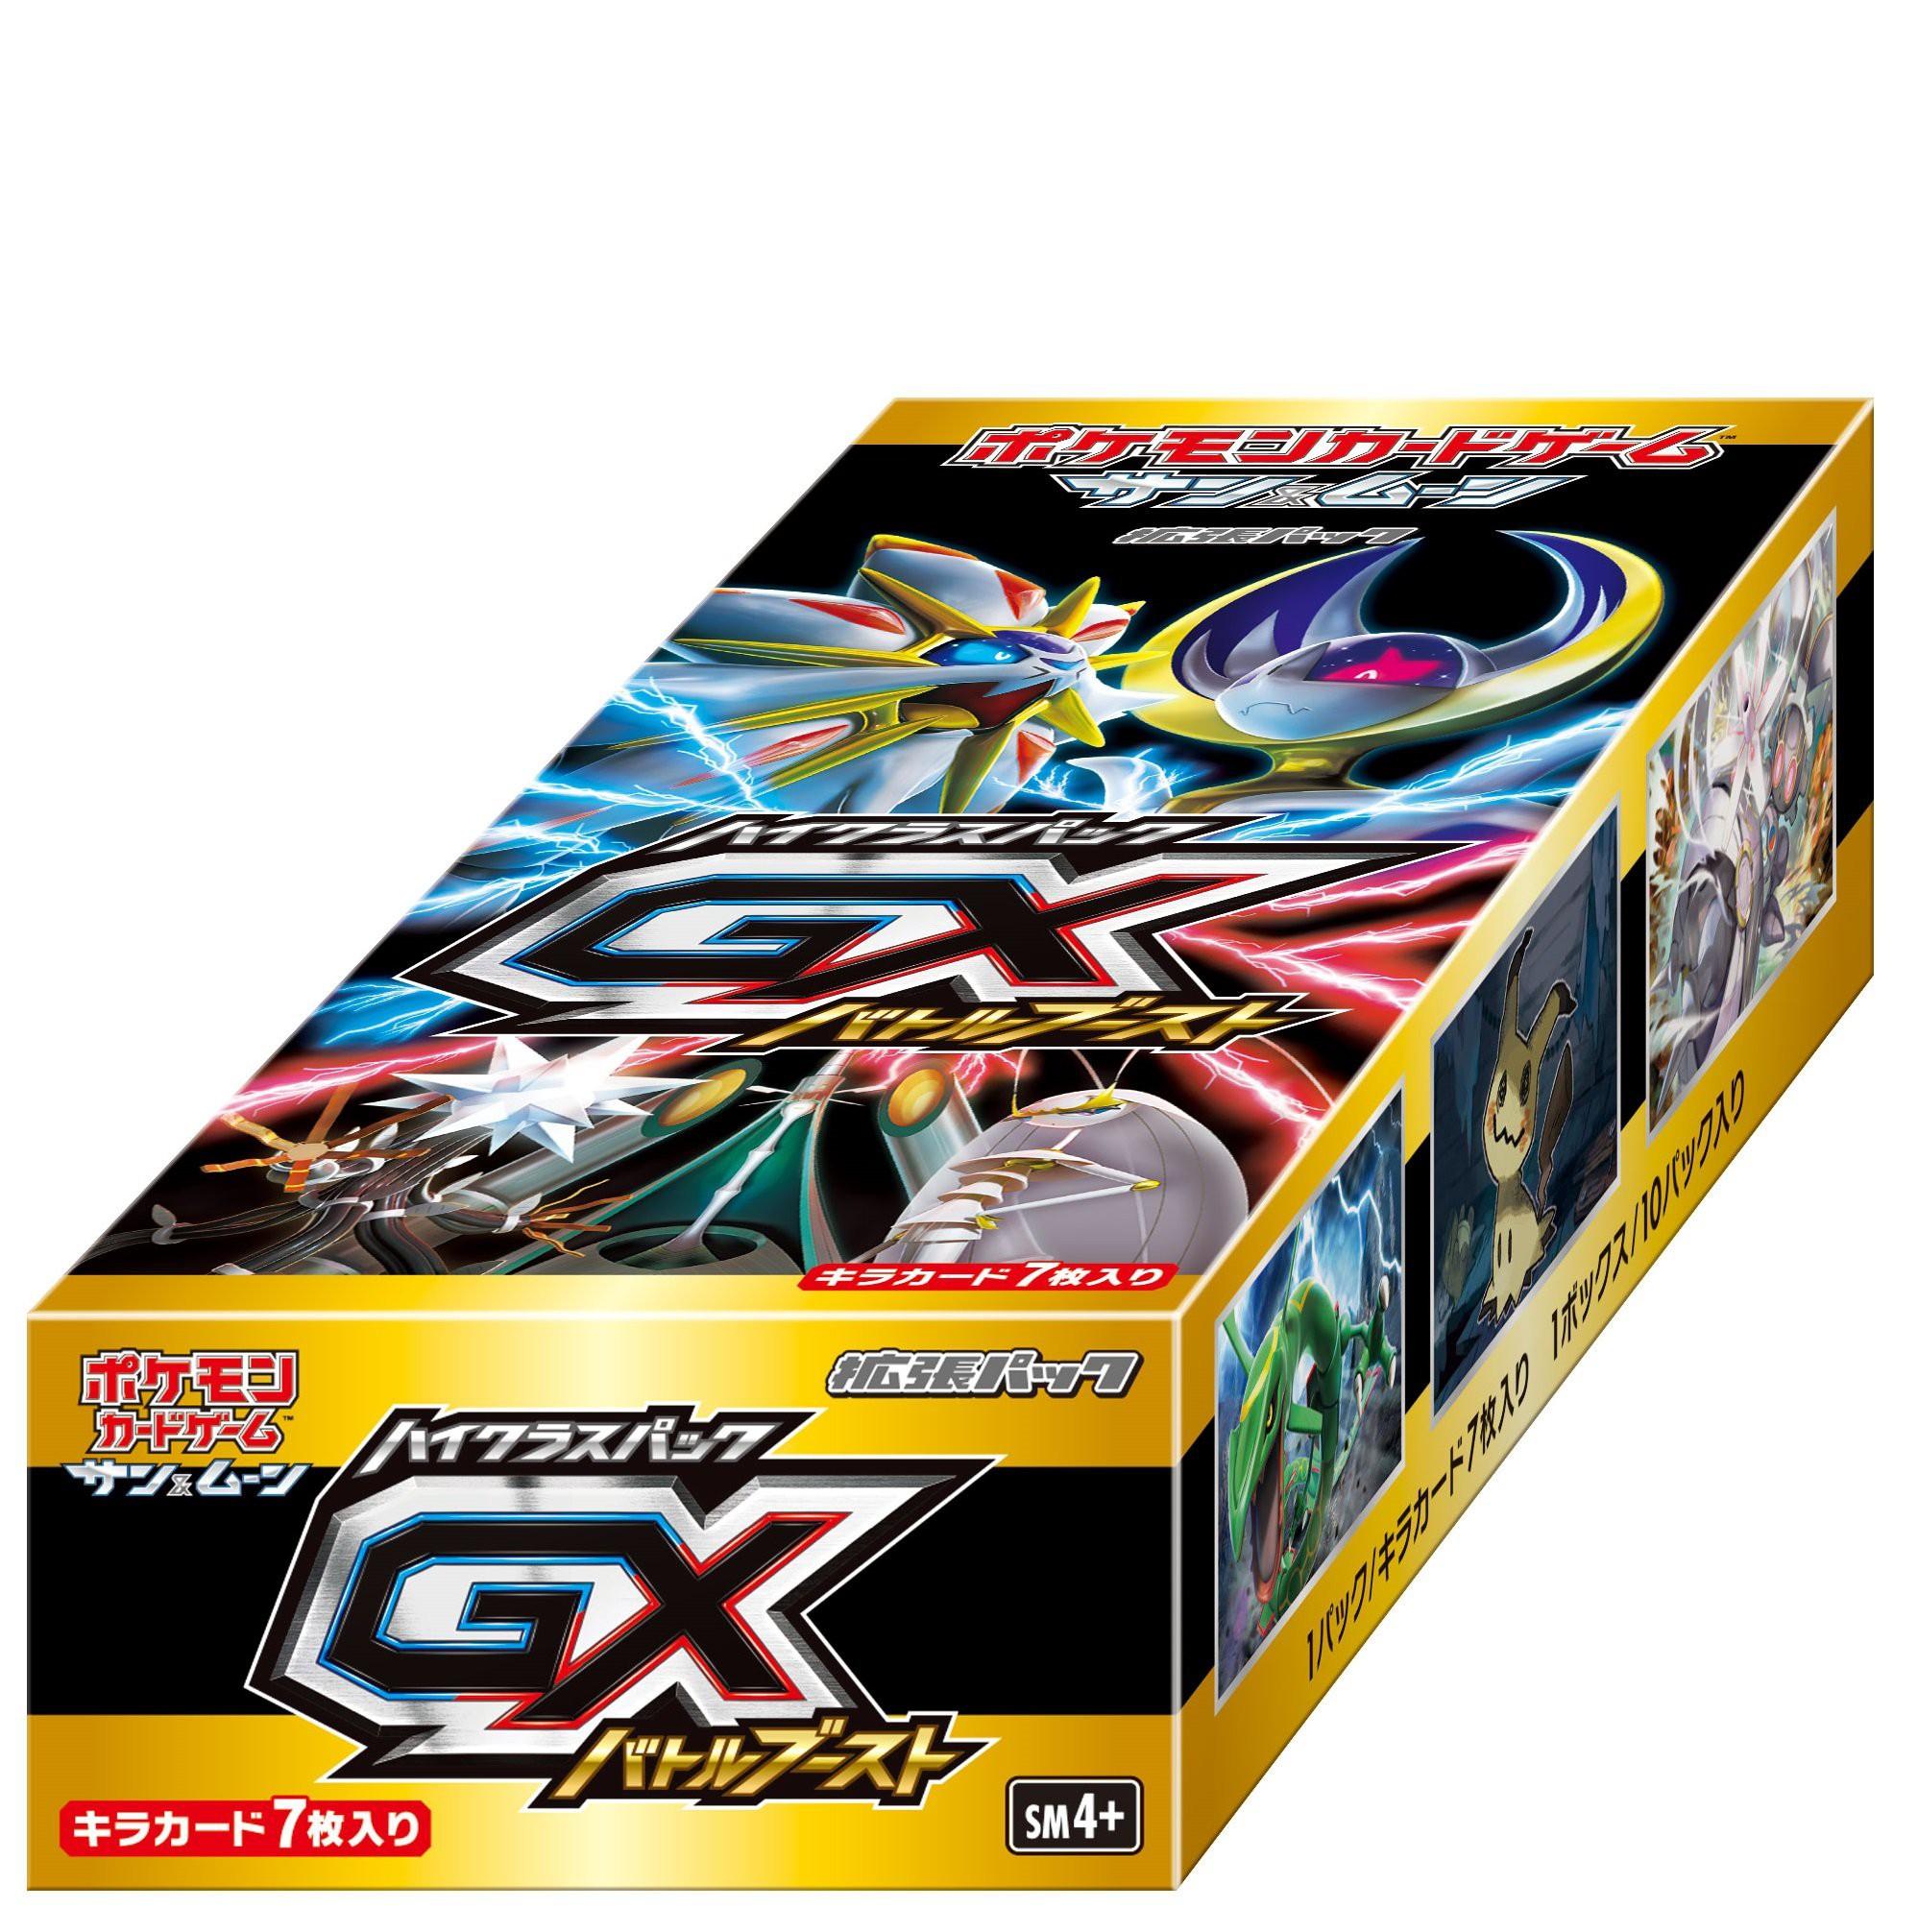 ของเล่นฟิกเกอร์ Pokemon Tcg : Sun & Moon High Class Pack Gx ( Jp Version ) 10 แพ็ค )